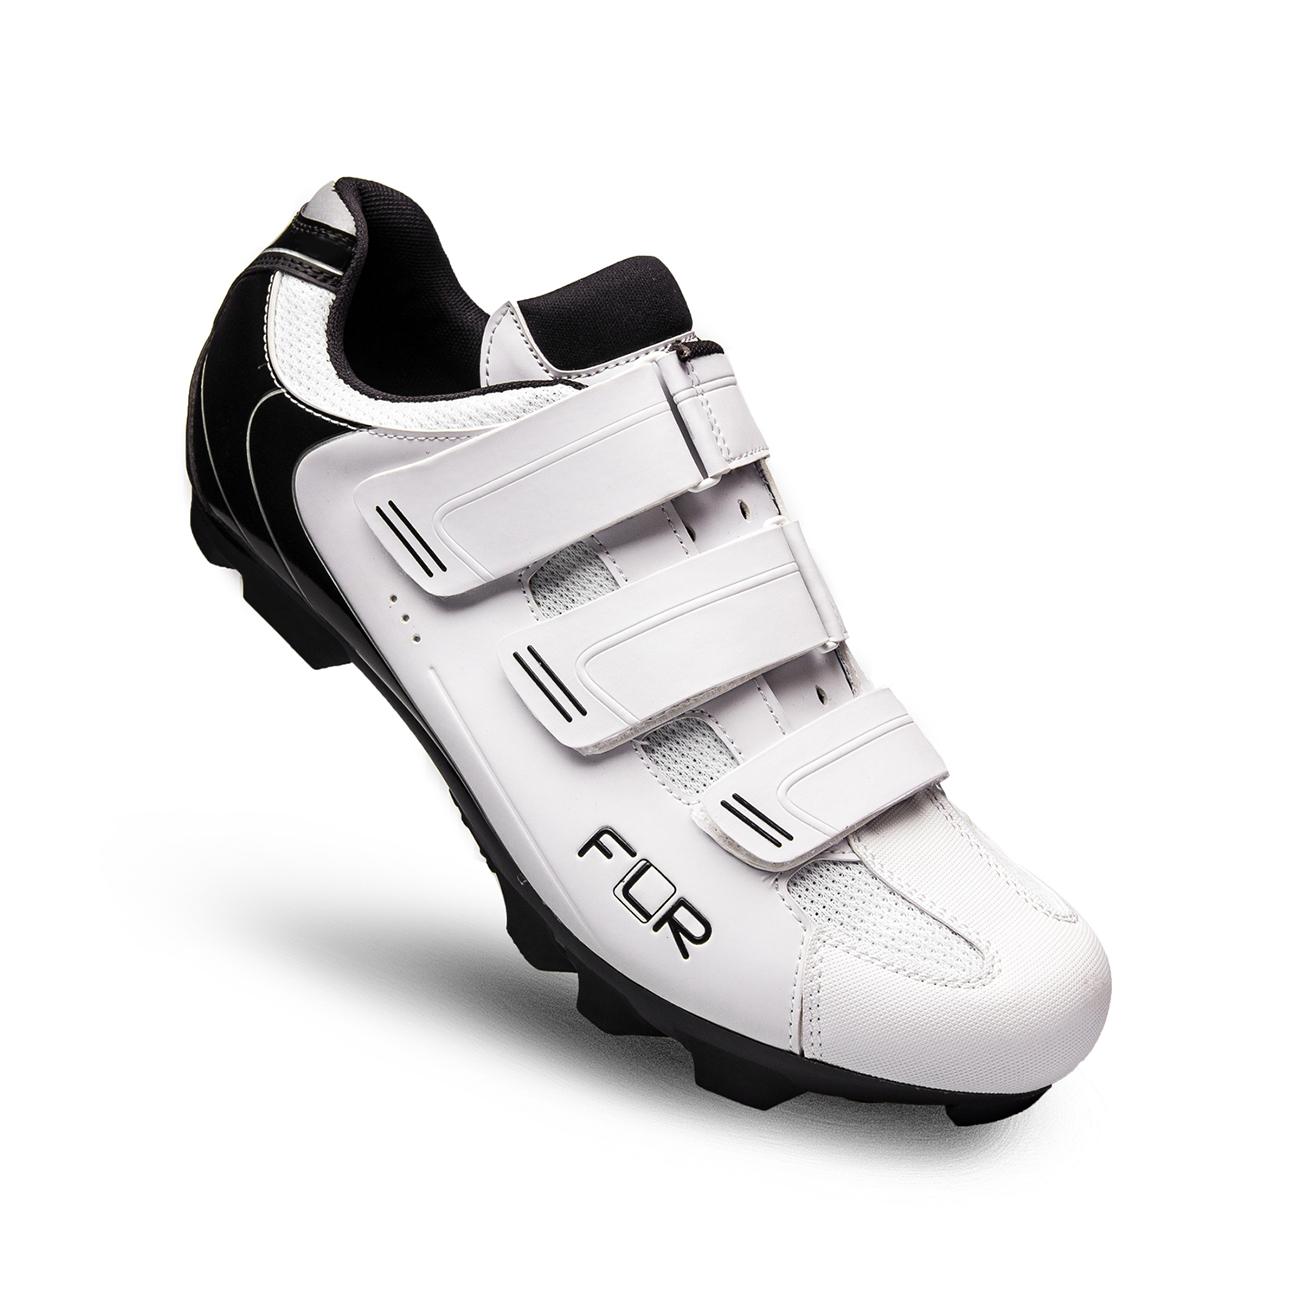 FLR F-55 MTB shoes - white/black